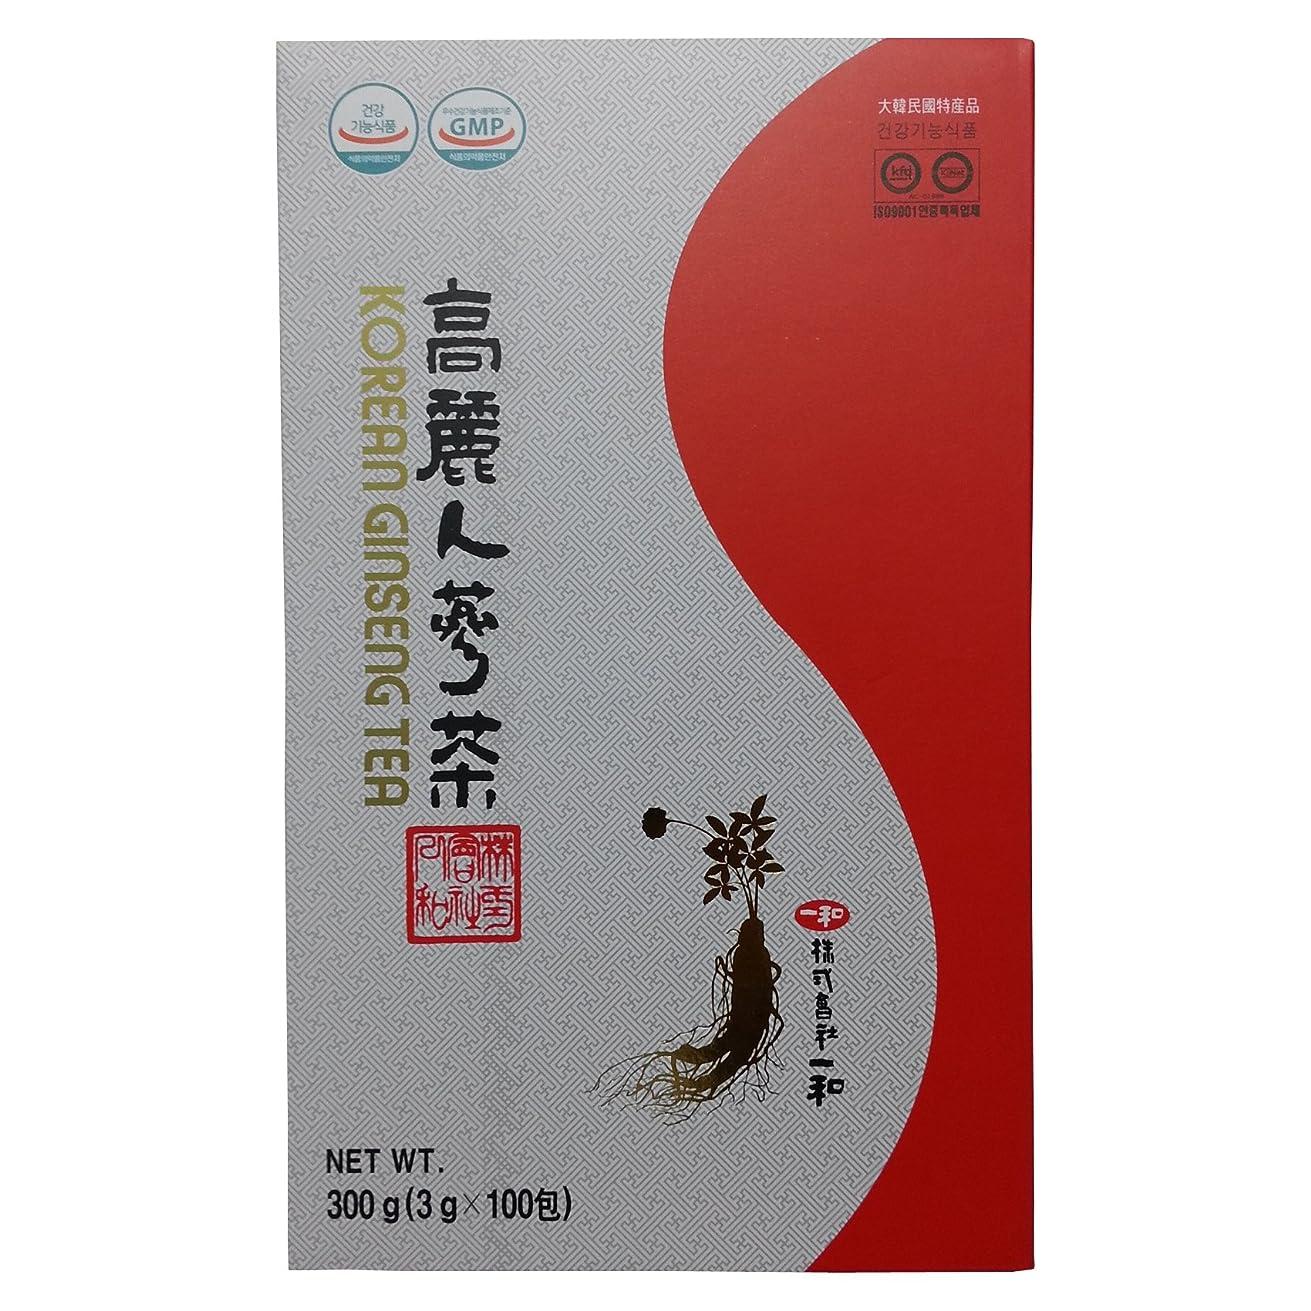 歴史アルミニウム豆腐高麗人参 一和高麗人参茶 6年根 3g×100包 [並行輸入品]